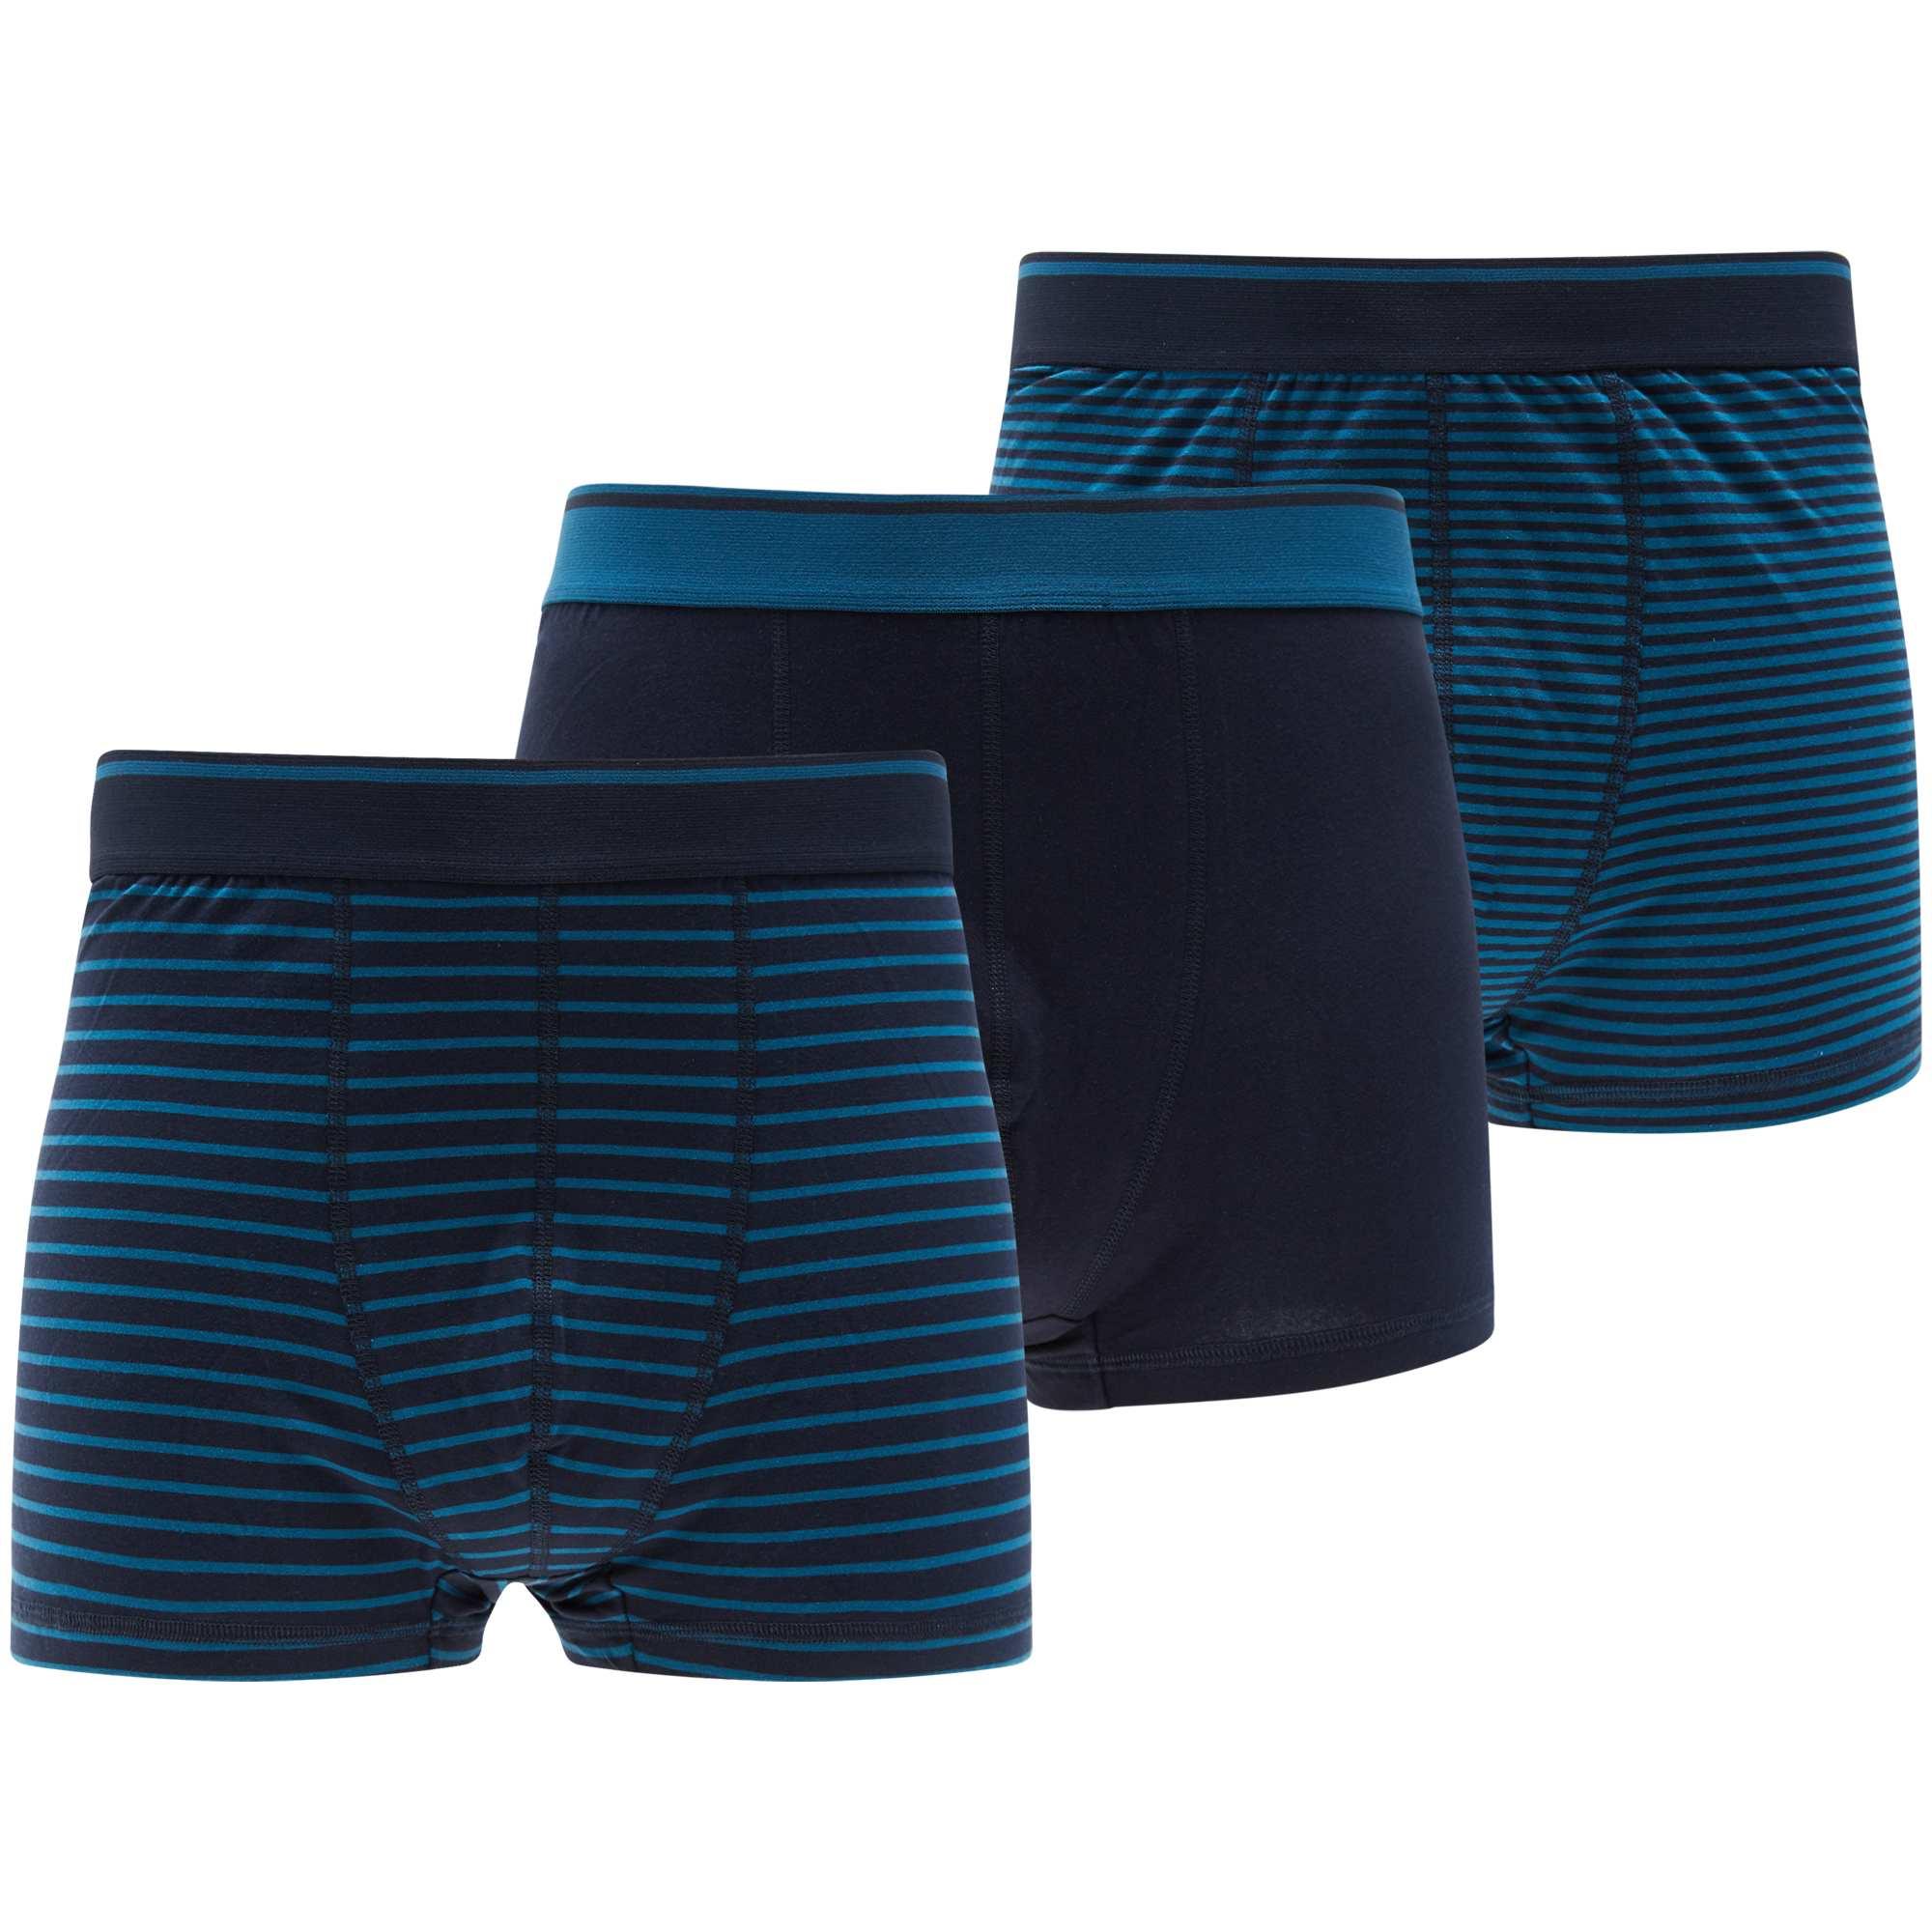 Couleur : bleu gris, , ,, - Taille : 6XL, , ,,Du coton stretch + un ceinture large élastiquée : confort assuré ! - Lot de 3 boxers